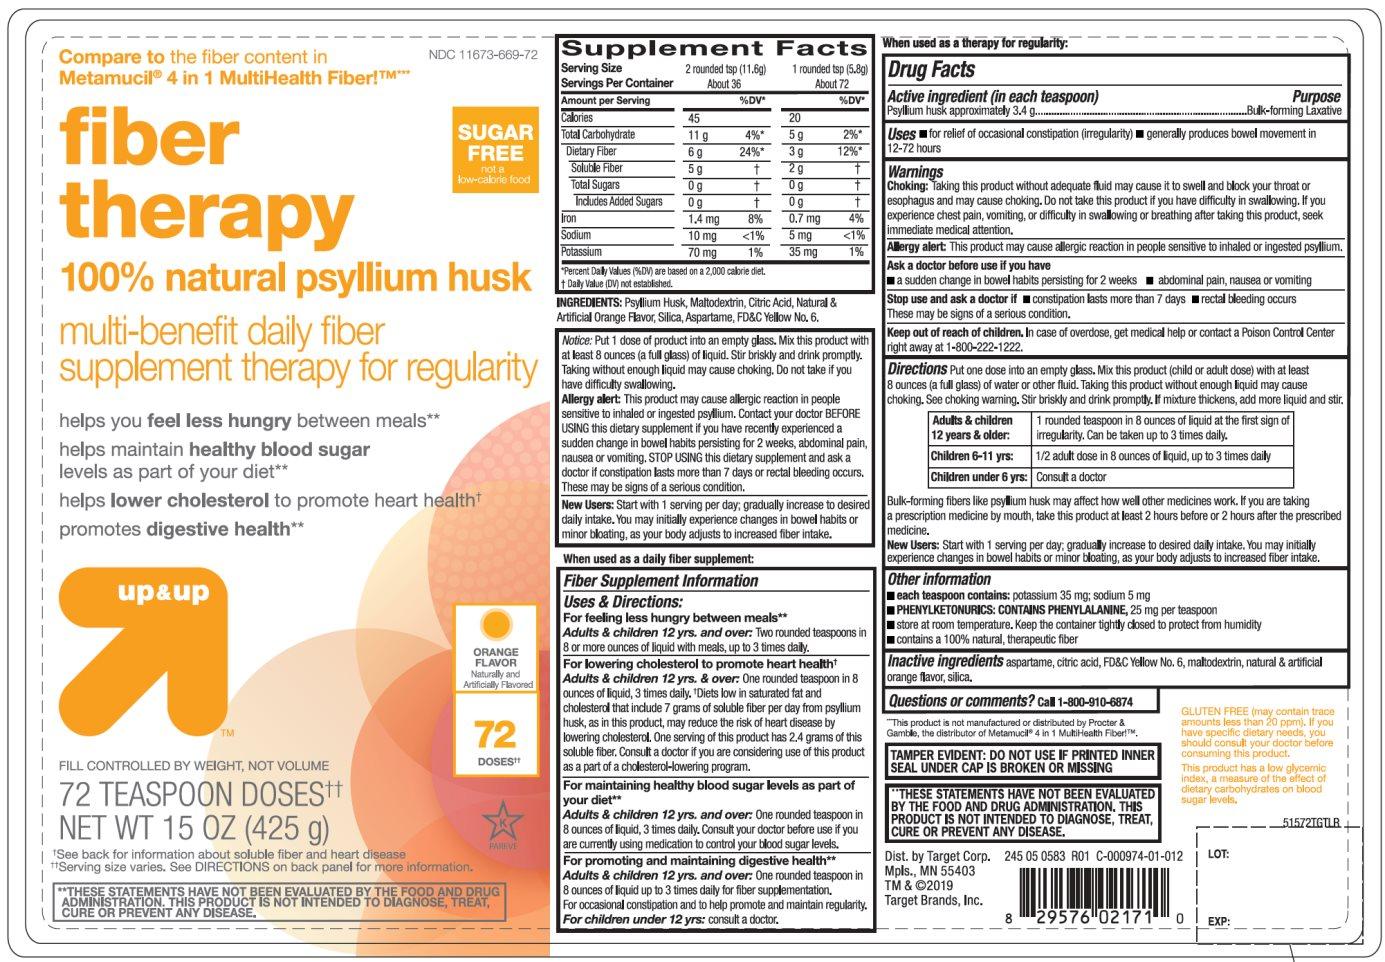 Target Sugar Free Orange Flavor Natural Psyllium Husk